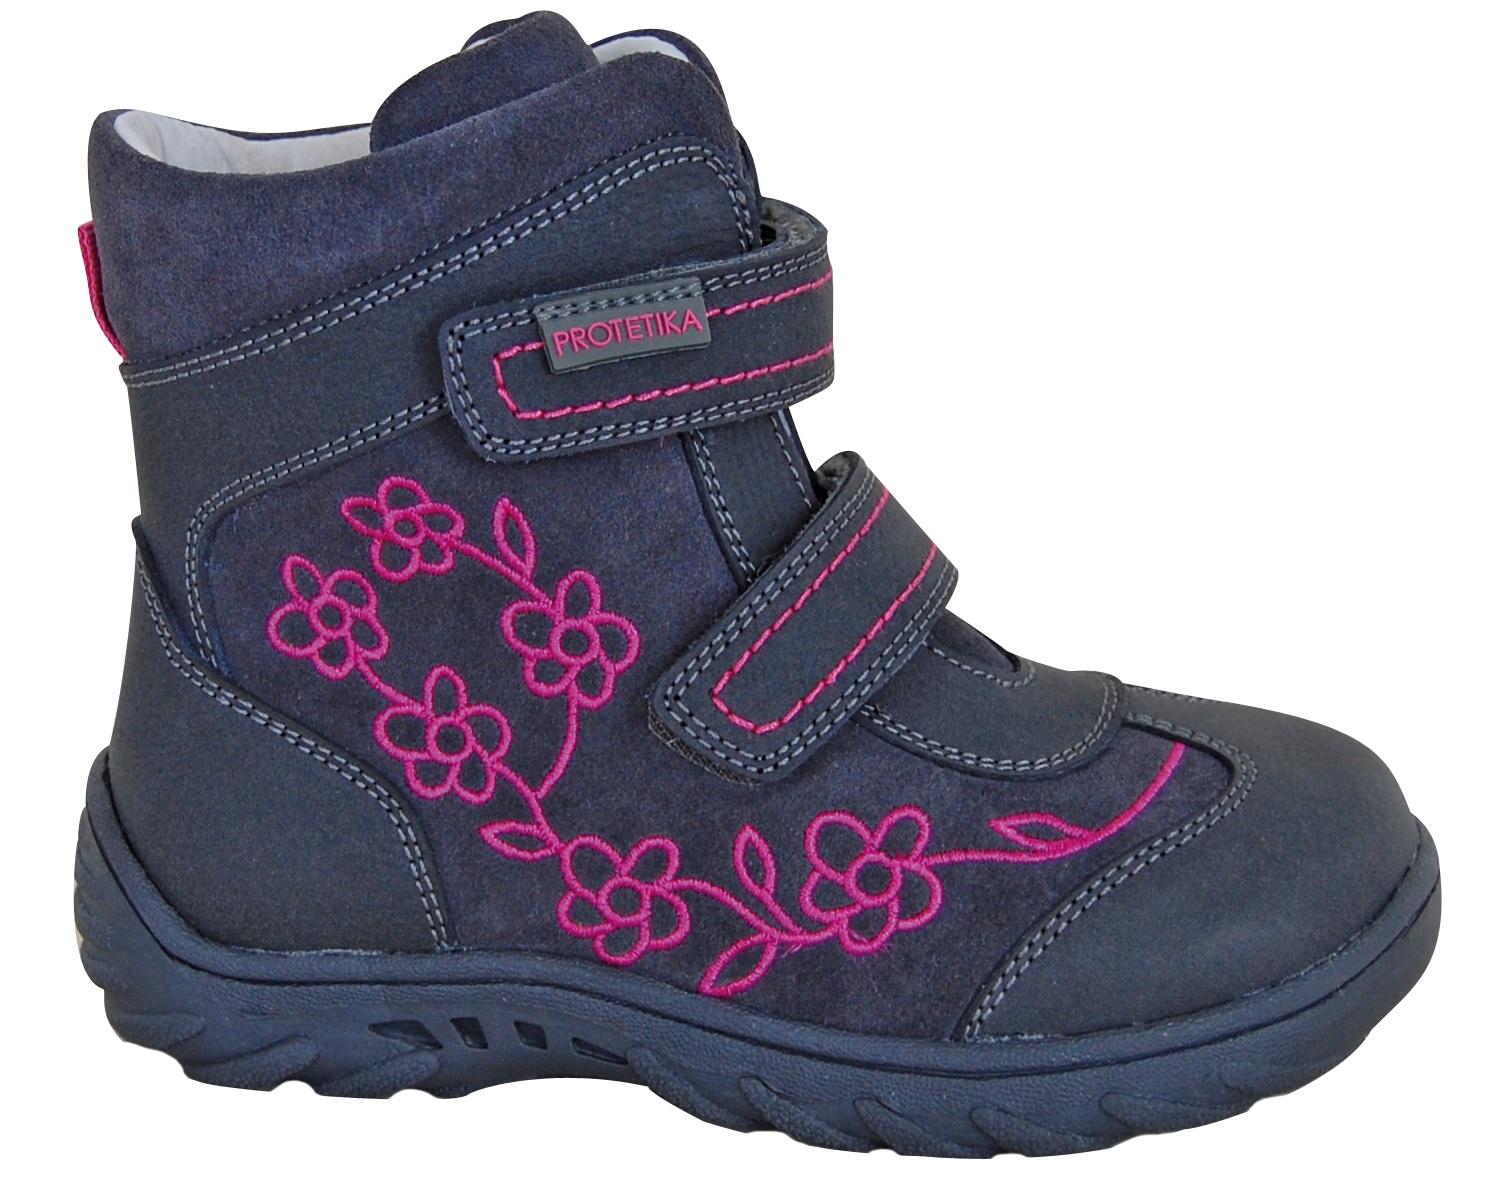 Protetika Dievčenské zimné topánky Miri - modro-šedé 212b157782d